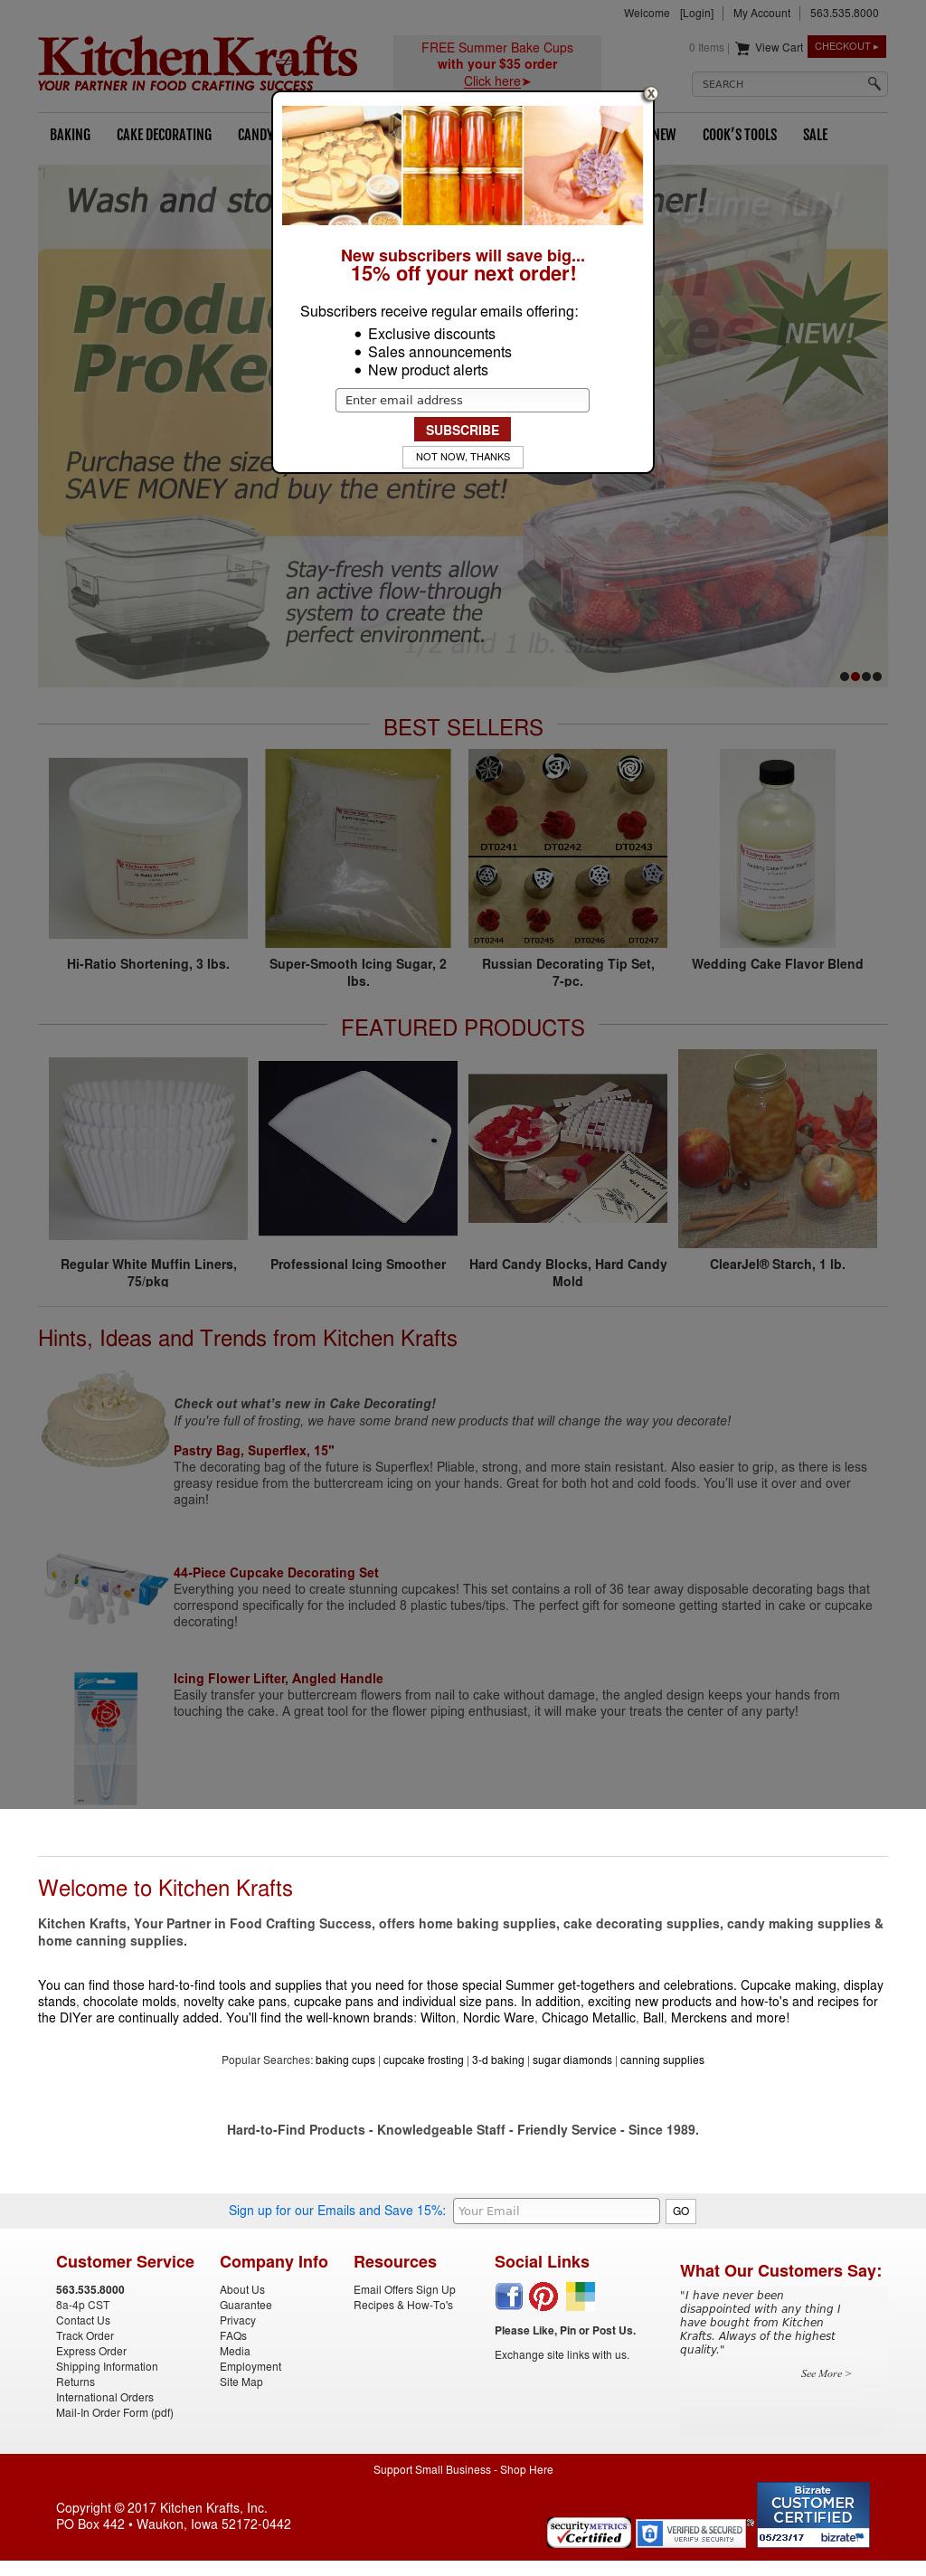 kitchen krafts website history - Kitchen Krafts